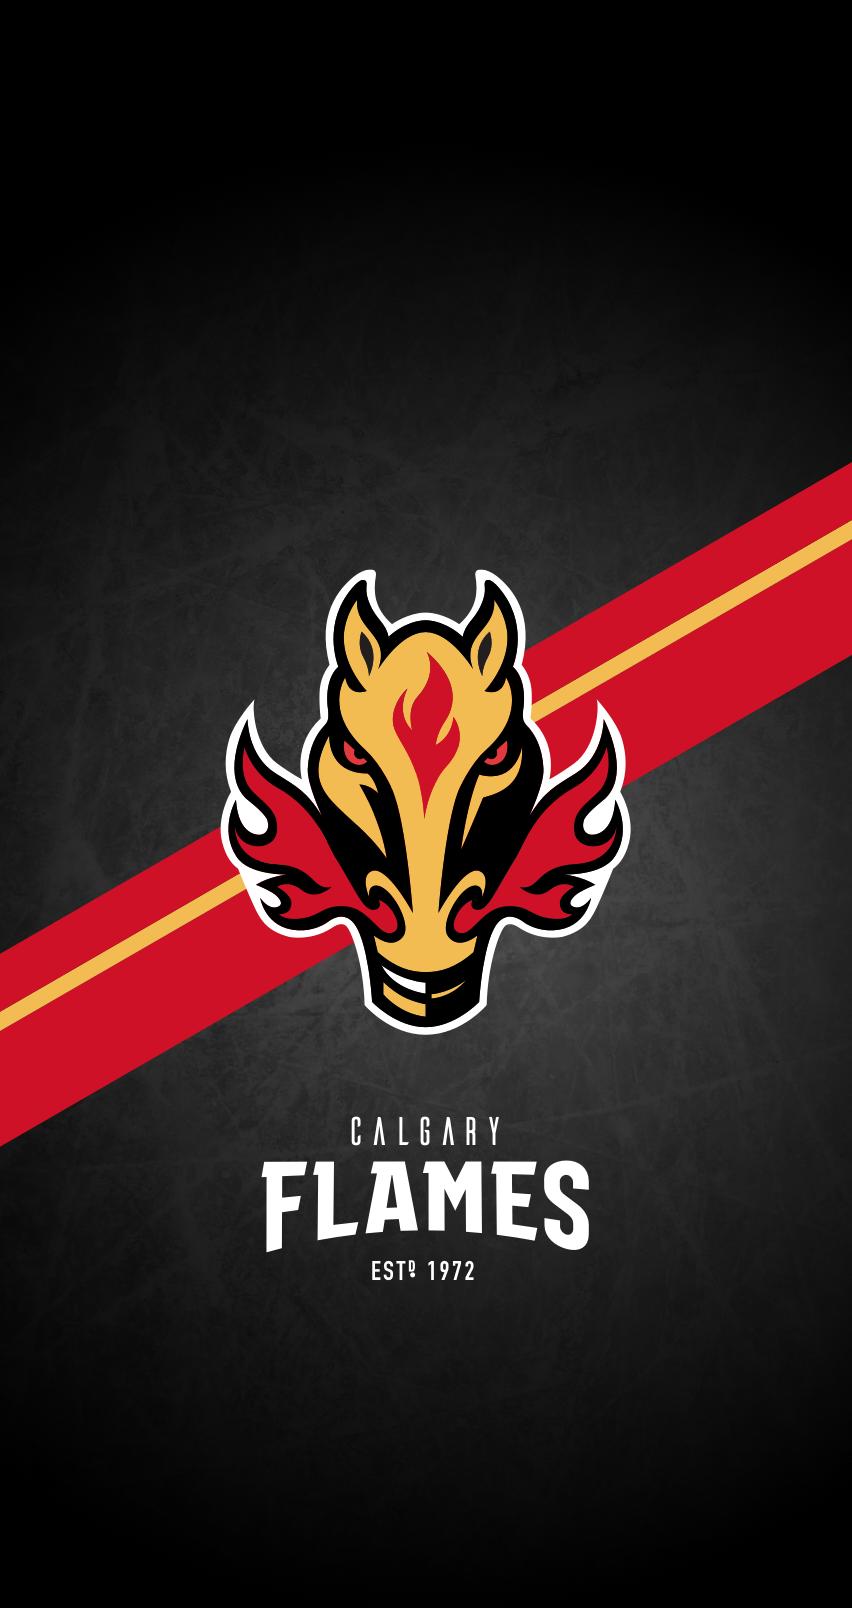 Calgary Flames Nhl Iphone 6 7 8 Lock Screen Wallpaper Calgary